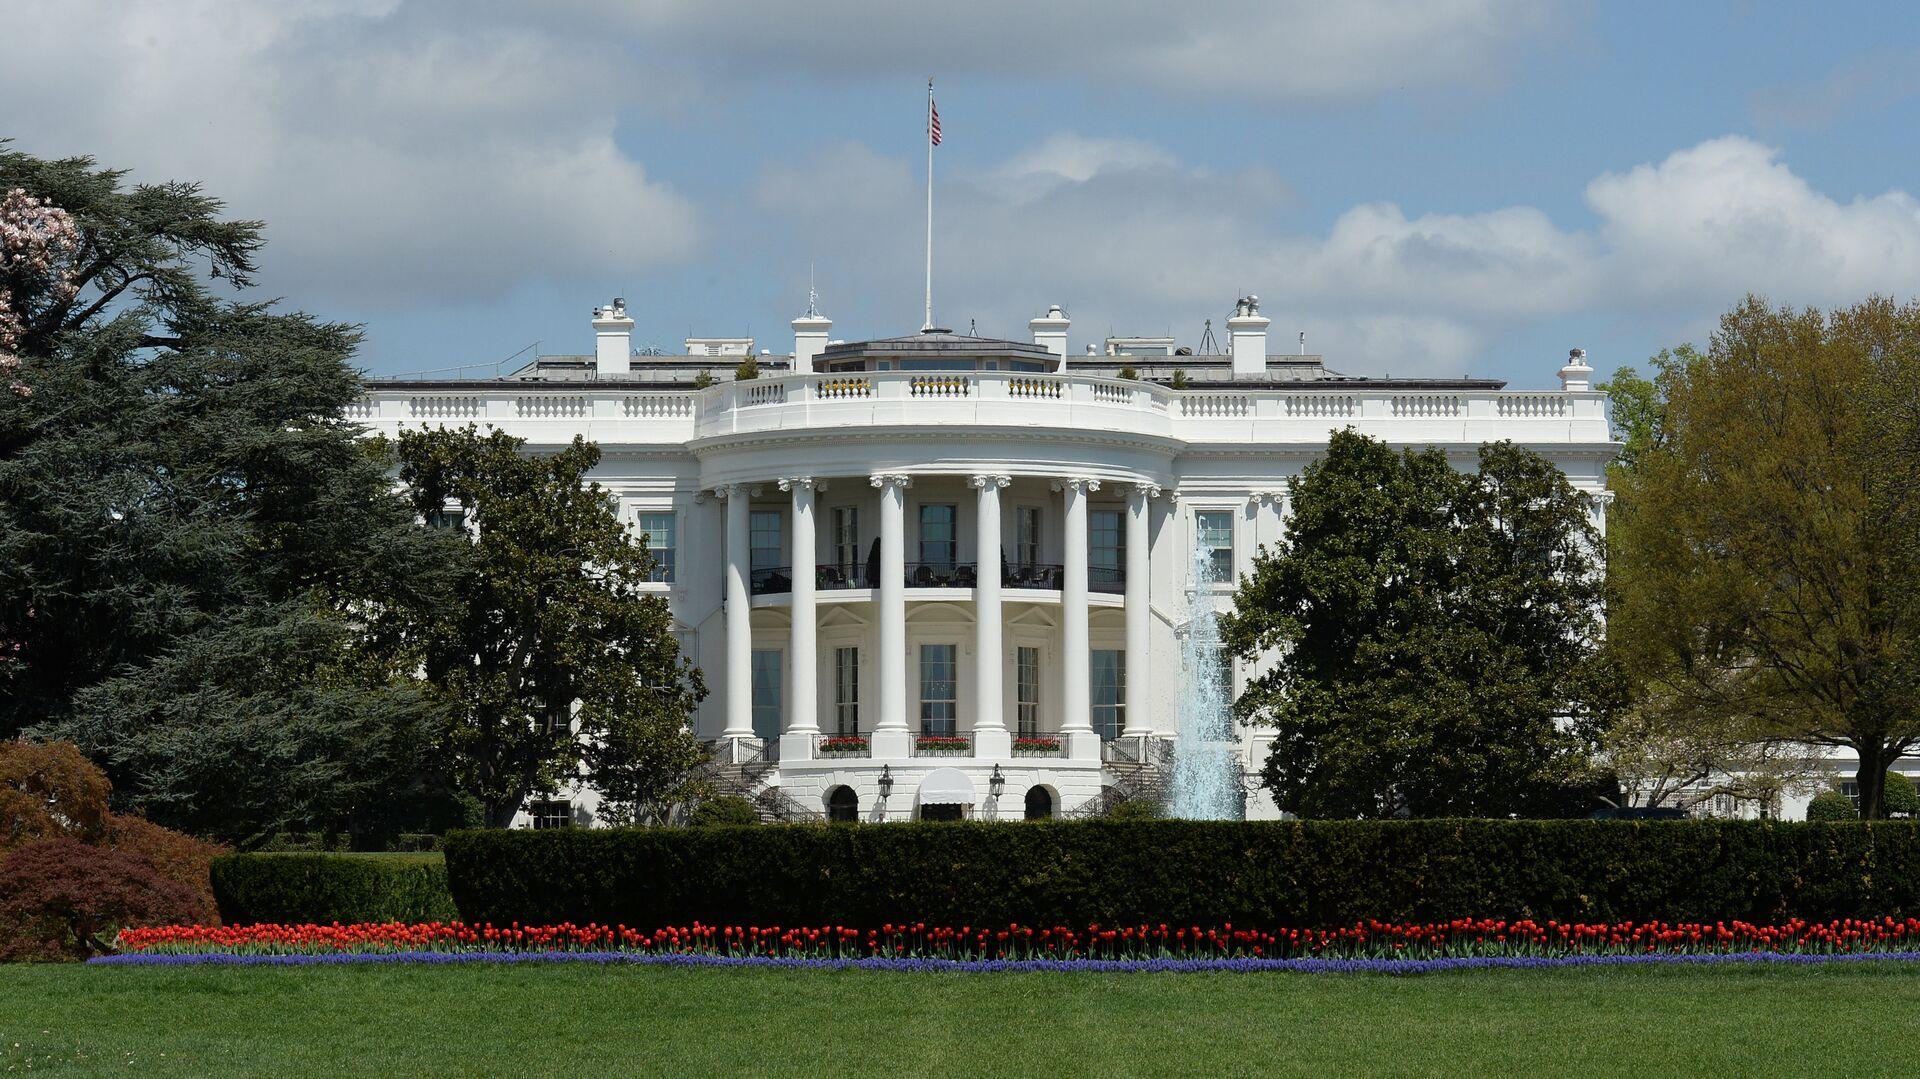 Здание Белого дома в Вашингтоне, США - РИА Новости, 1920, 16.07.2021